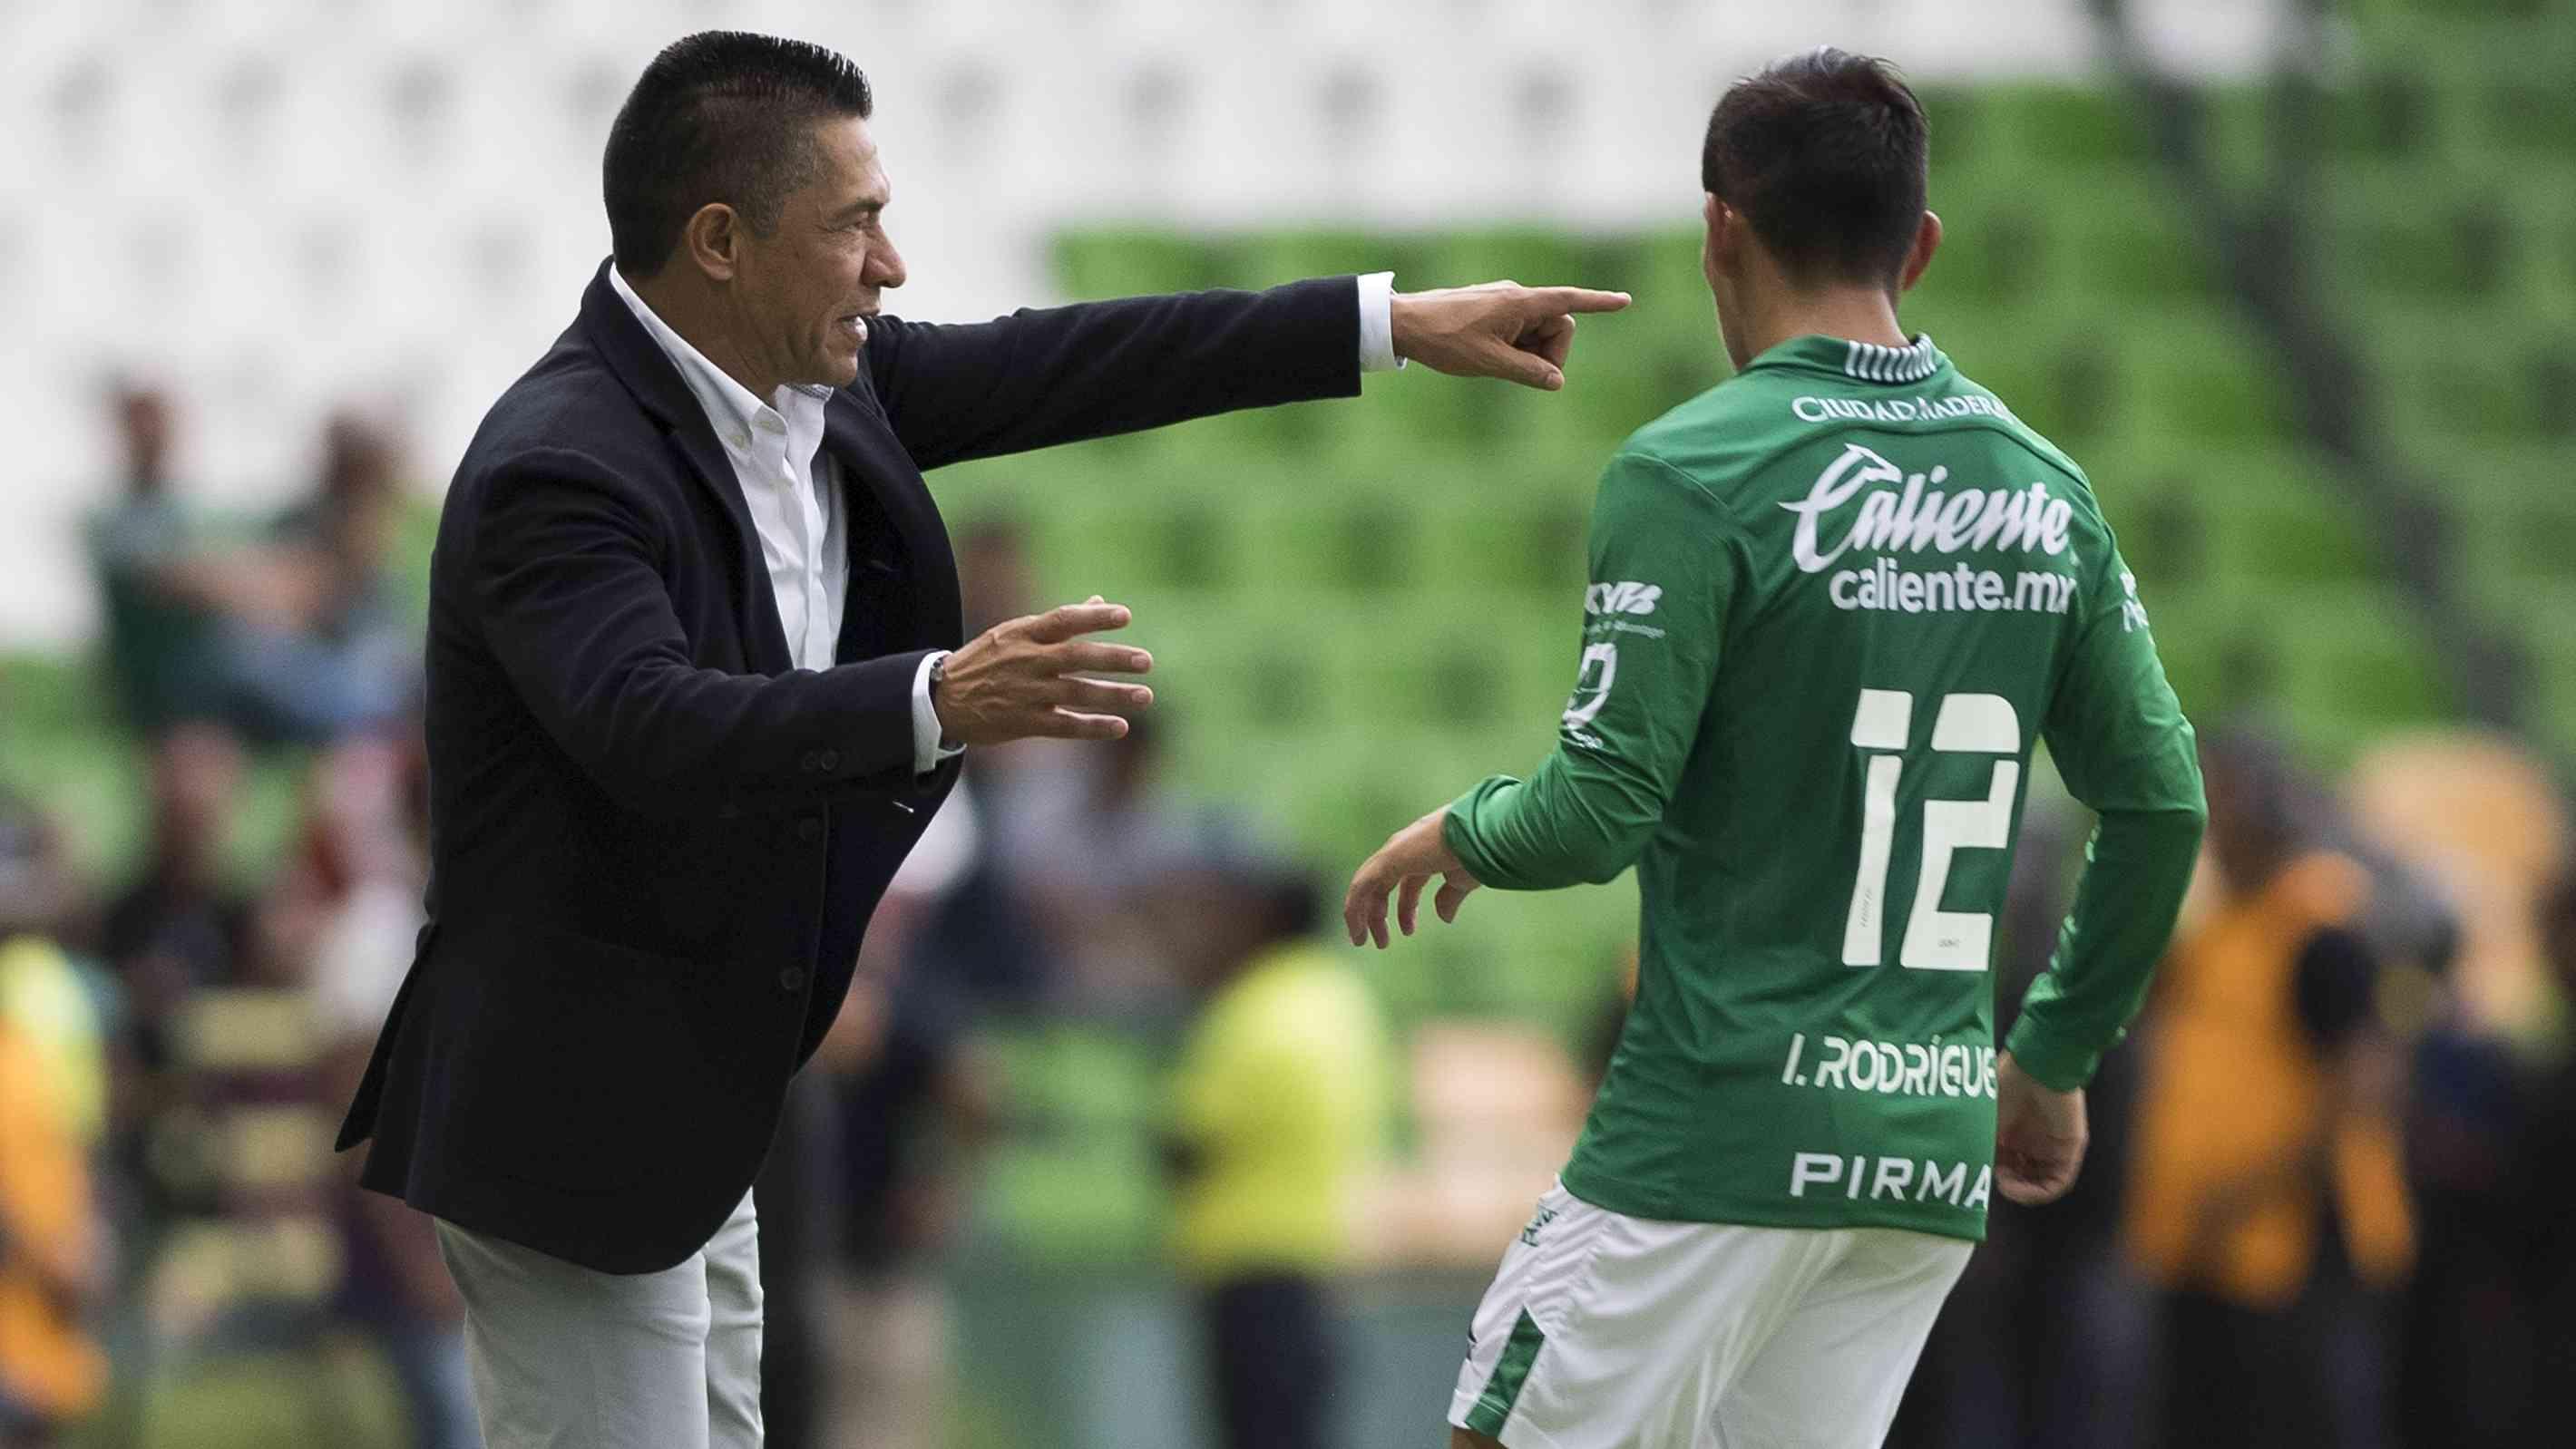 José Iván Rodríguez recibe el alta médica y será titular ante Tigres